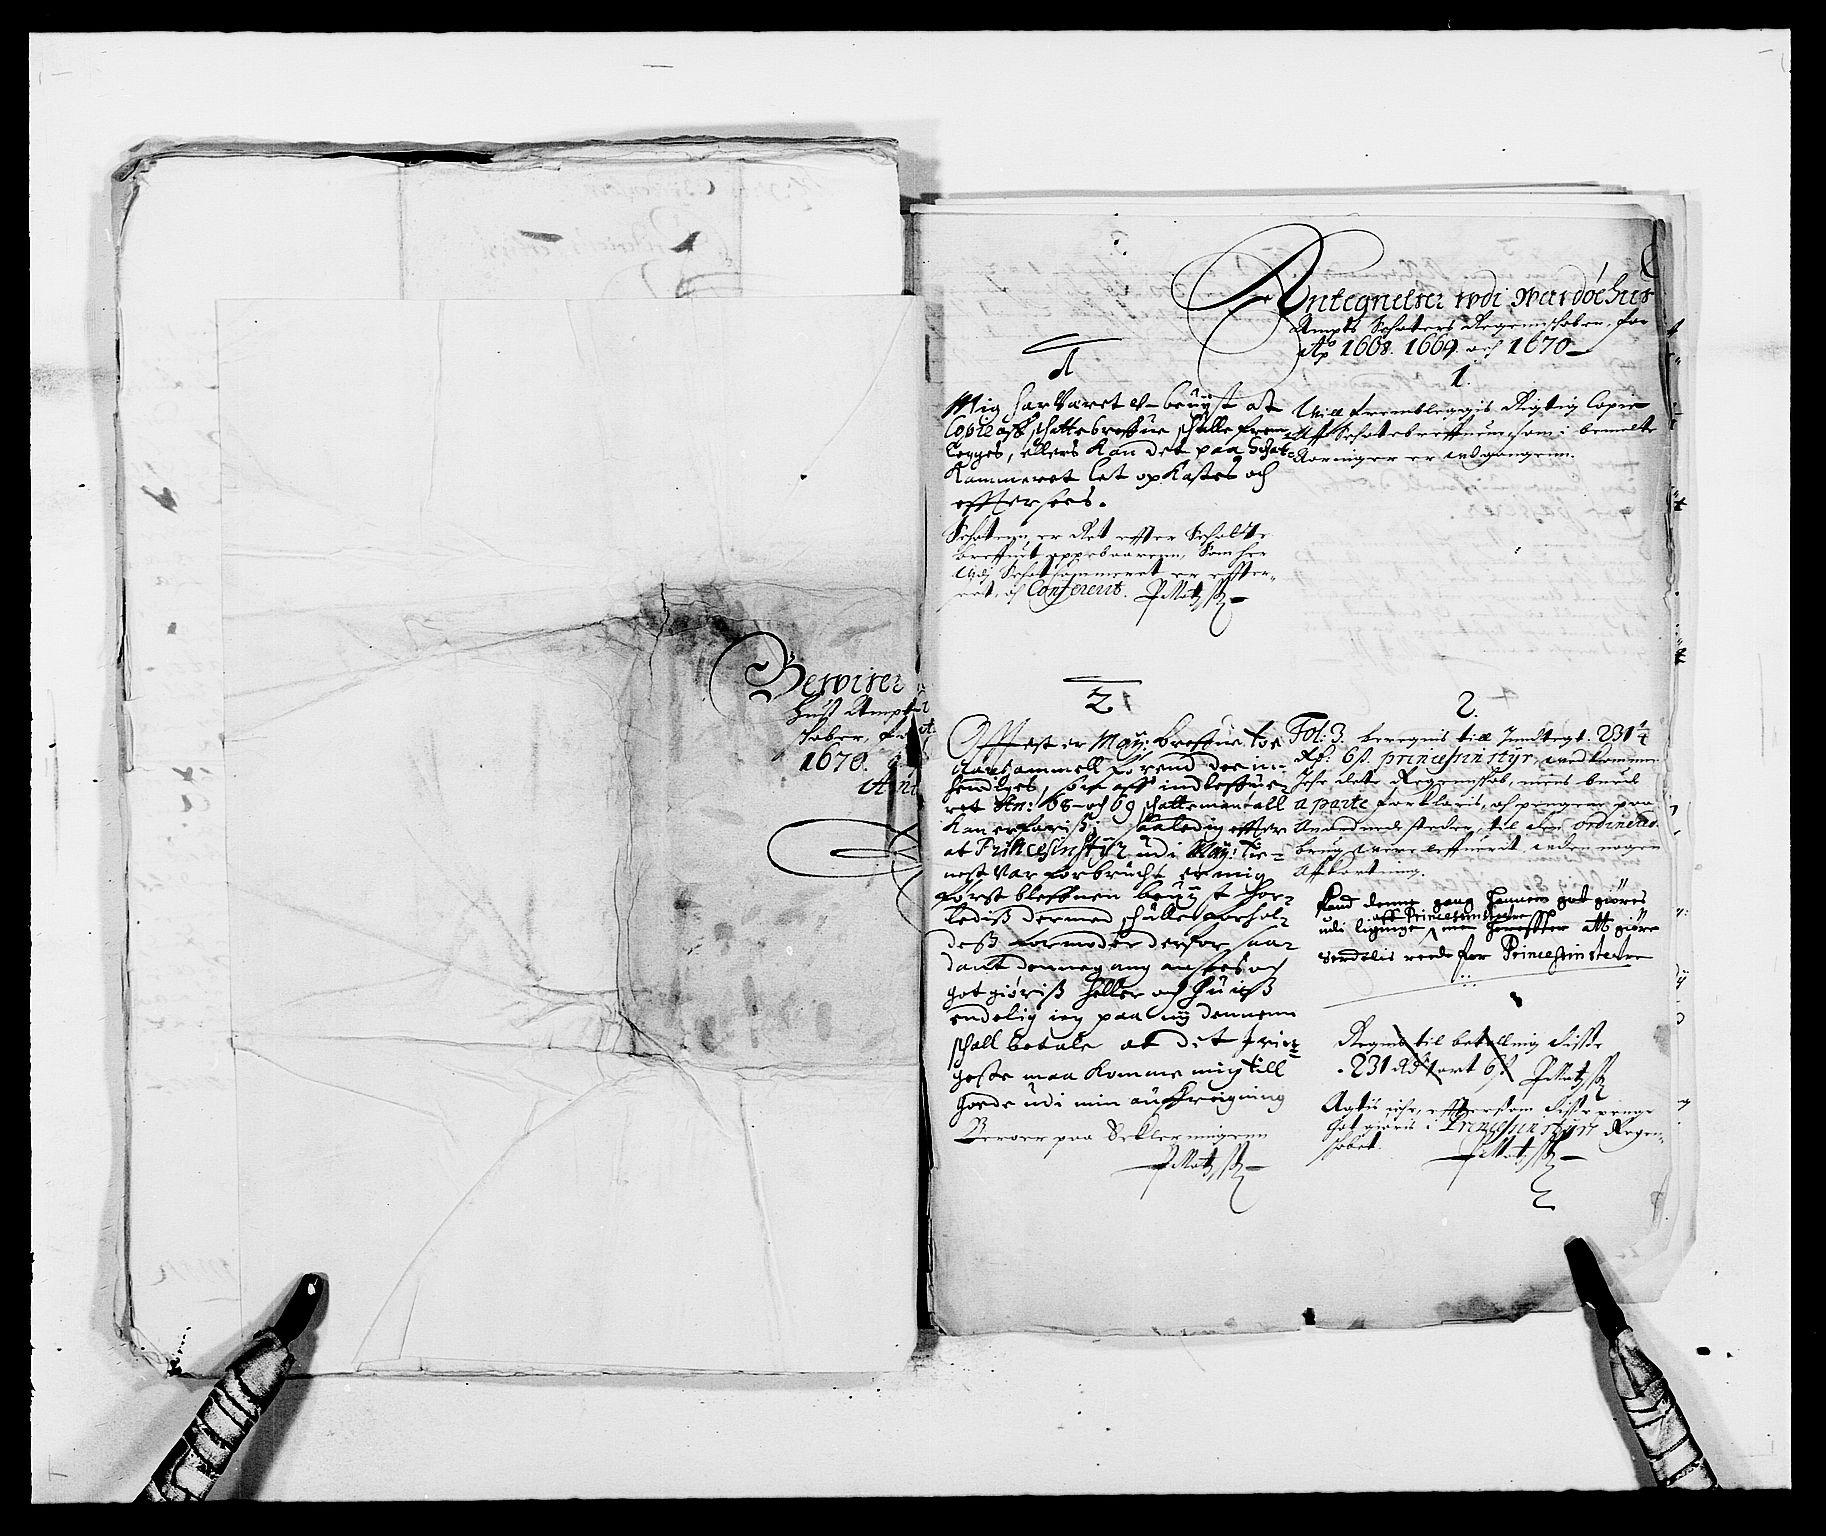 RA, Rentekammeret inntil 1814, Reviderte regnskaper, Fogderegnskap, R69/L4849: Fogderegnskap Finnmark/Vardøhus, 1661-1679, s. 215